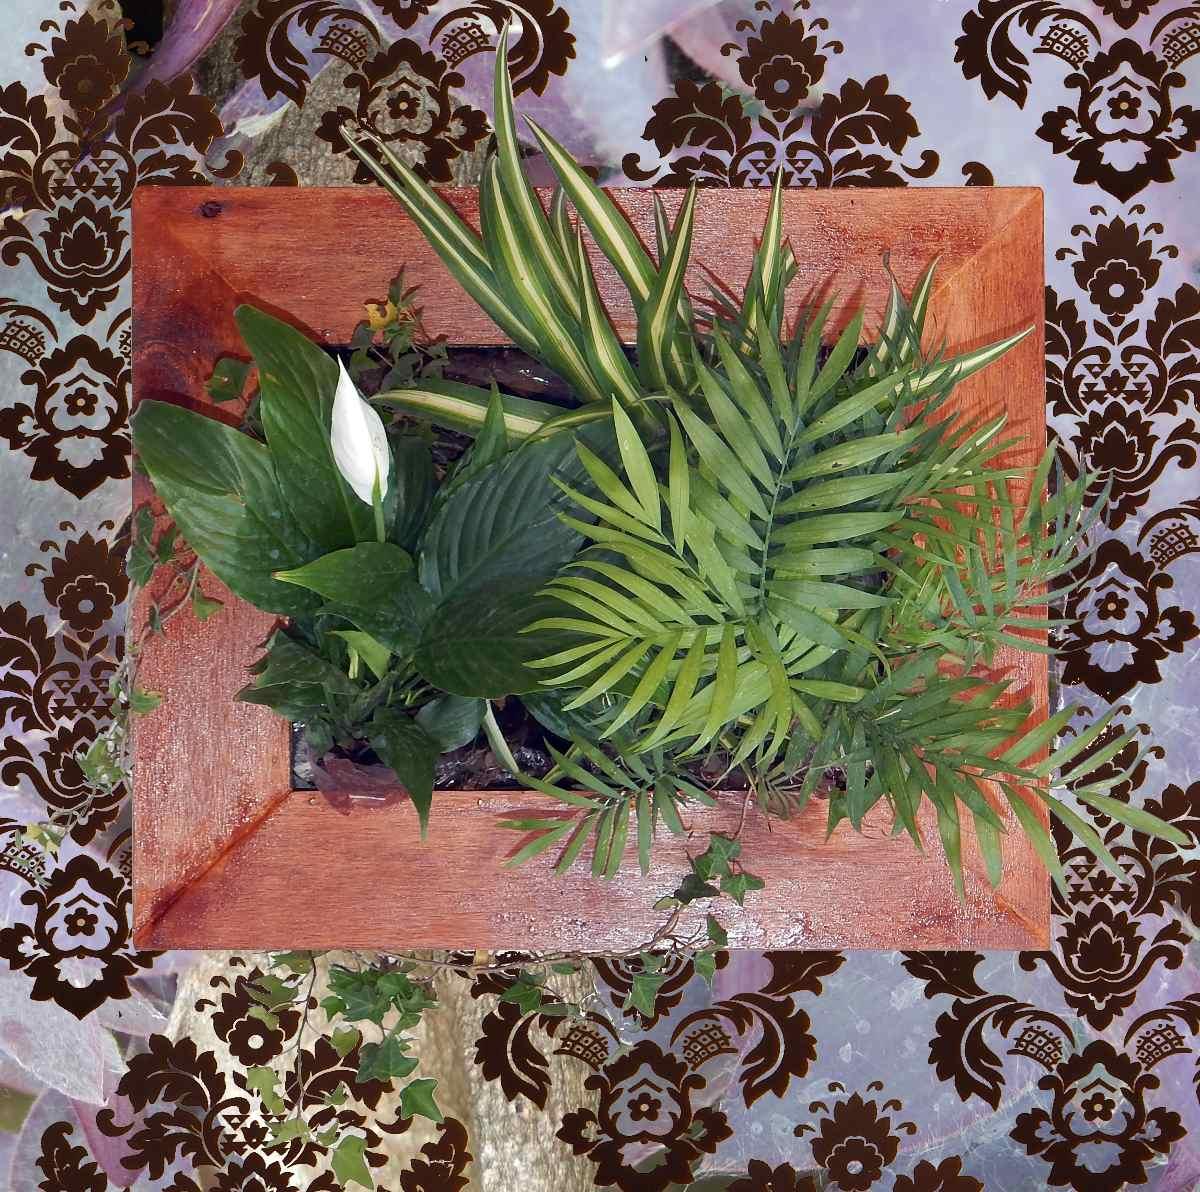 Cuadros Vivos Plantas Naturales Limpian Y Purifican El Aire  ~ Plantas Que Limpian El Ambiente